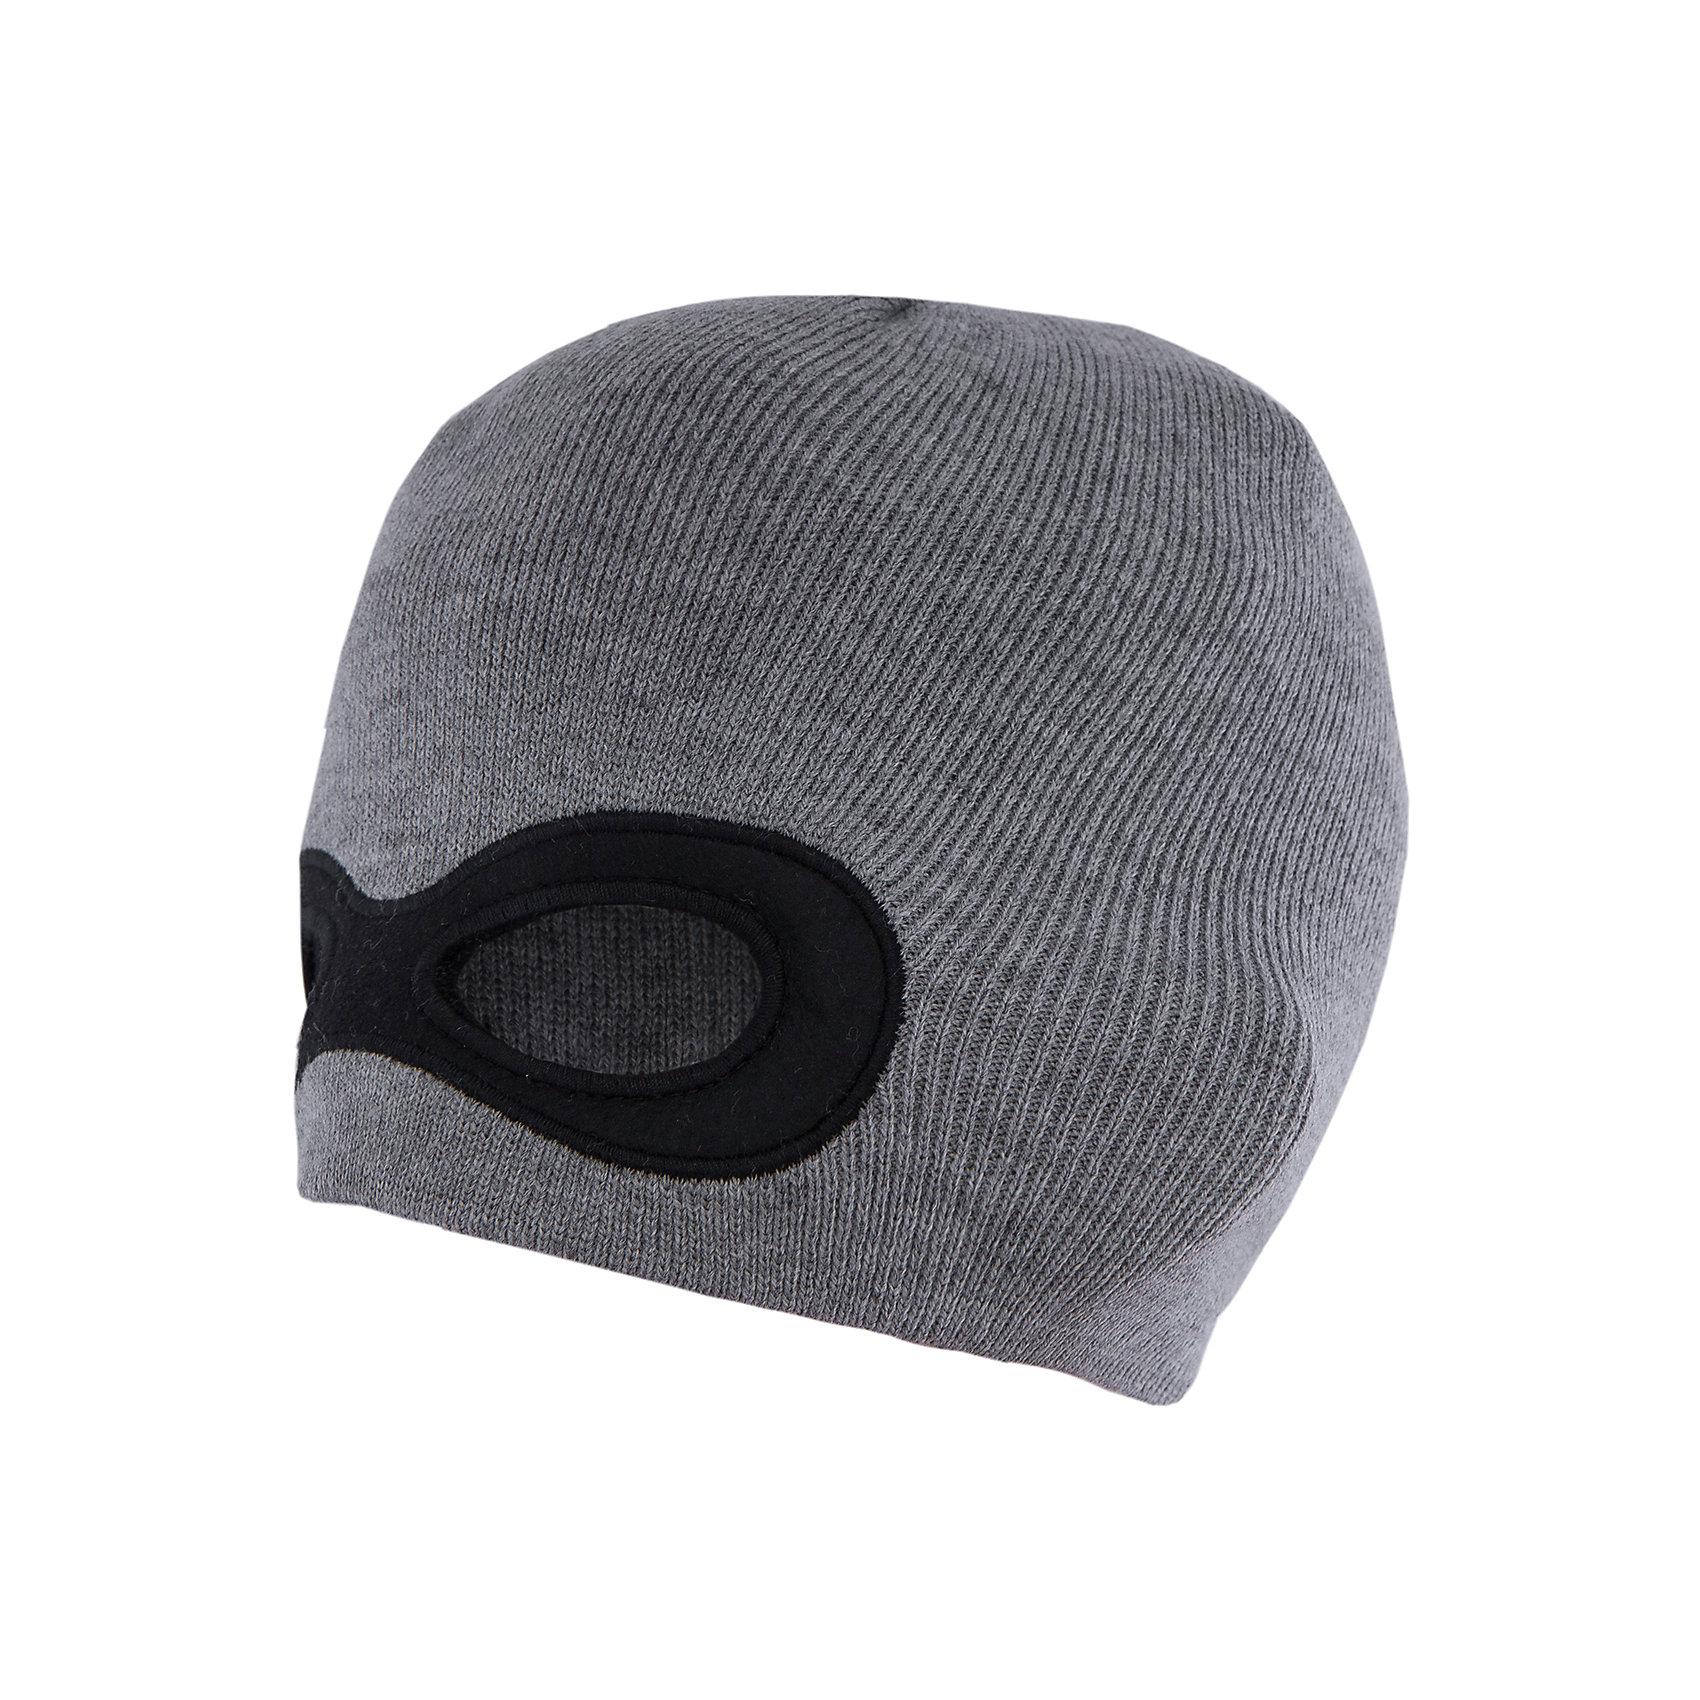 Шляпа  для мальчика CHICCOГоловные уборы<br>Шапка CHICCO для мальчика<br><br>Характеристики:<br><br>Фактура материала: вязаный трикотаж<br>Тип застежки: без завязок<br>Вид отделки: маска-аппликация<br><br>Состав: 100% акрил<br><br>Шапку CHICCO для мальчика, серую можно купить в нашем интернет-магазине.<br><br>Ширина мм: 89<br>Глубина мм: 117<br>Высота мм: 44<br>Вес г: 155<br>Цвет: серый<br>Возраст от месяцев: 24<br>Возраст до месяцев: 36<br>Пол: Мужской<br>Возраст: Детский<br>Размер: 48,54,50,52<br>SKU: 5082774